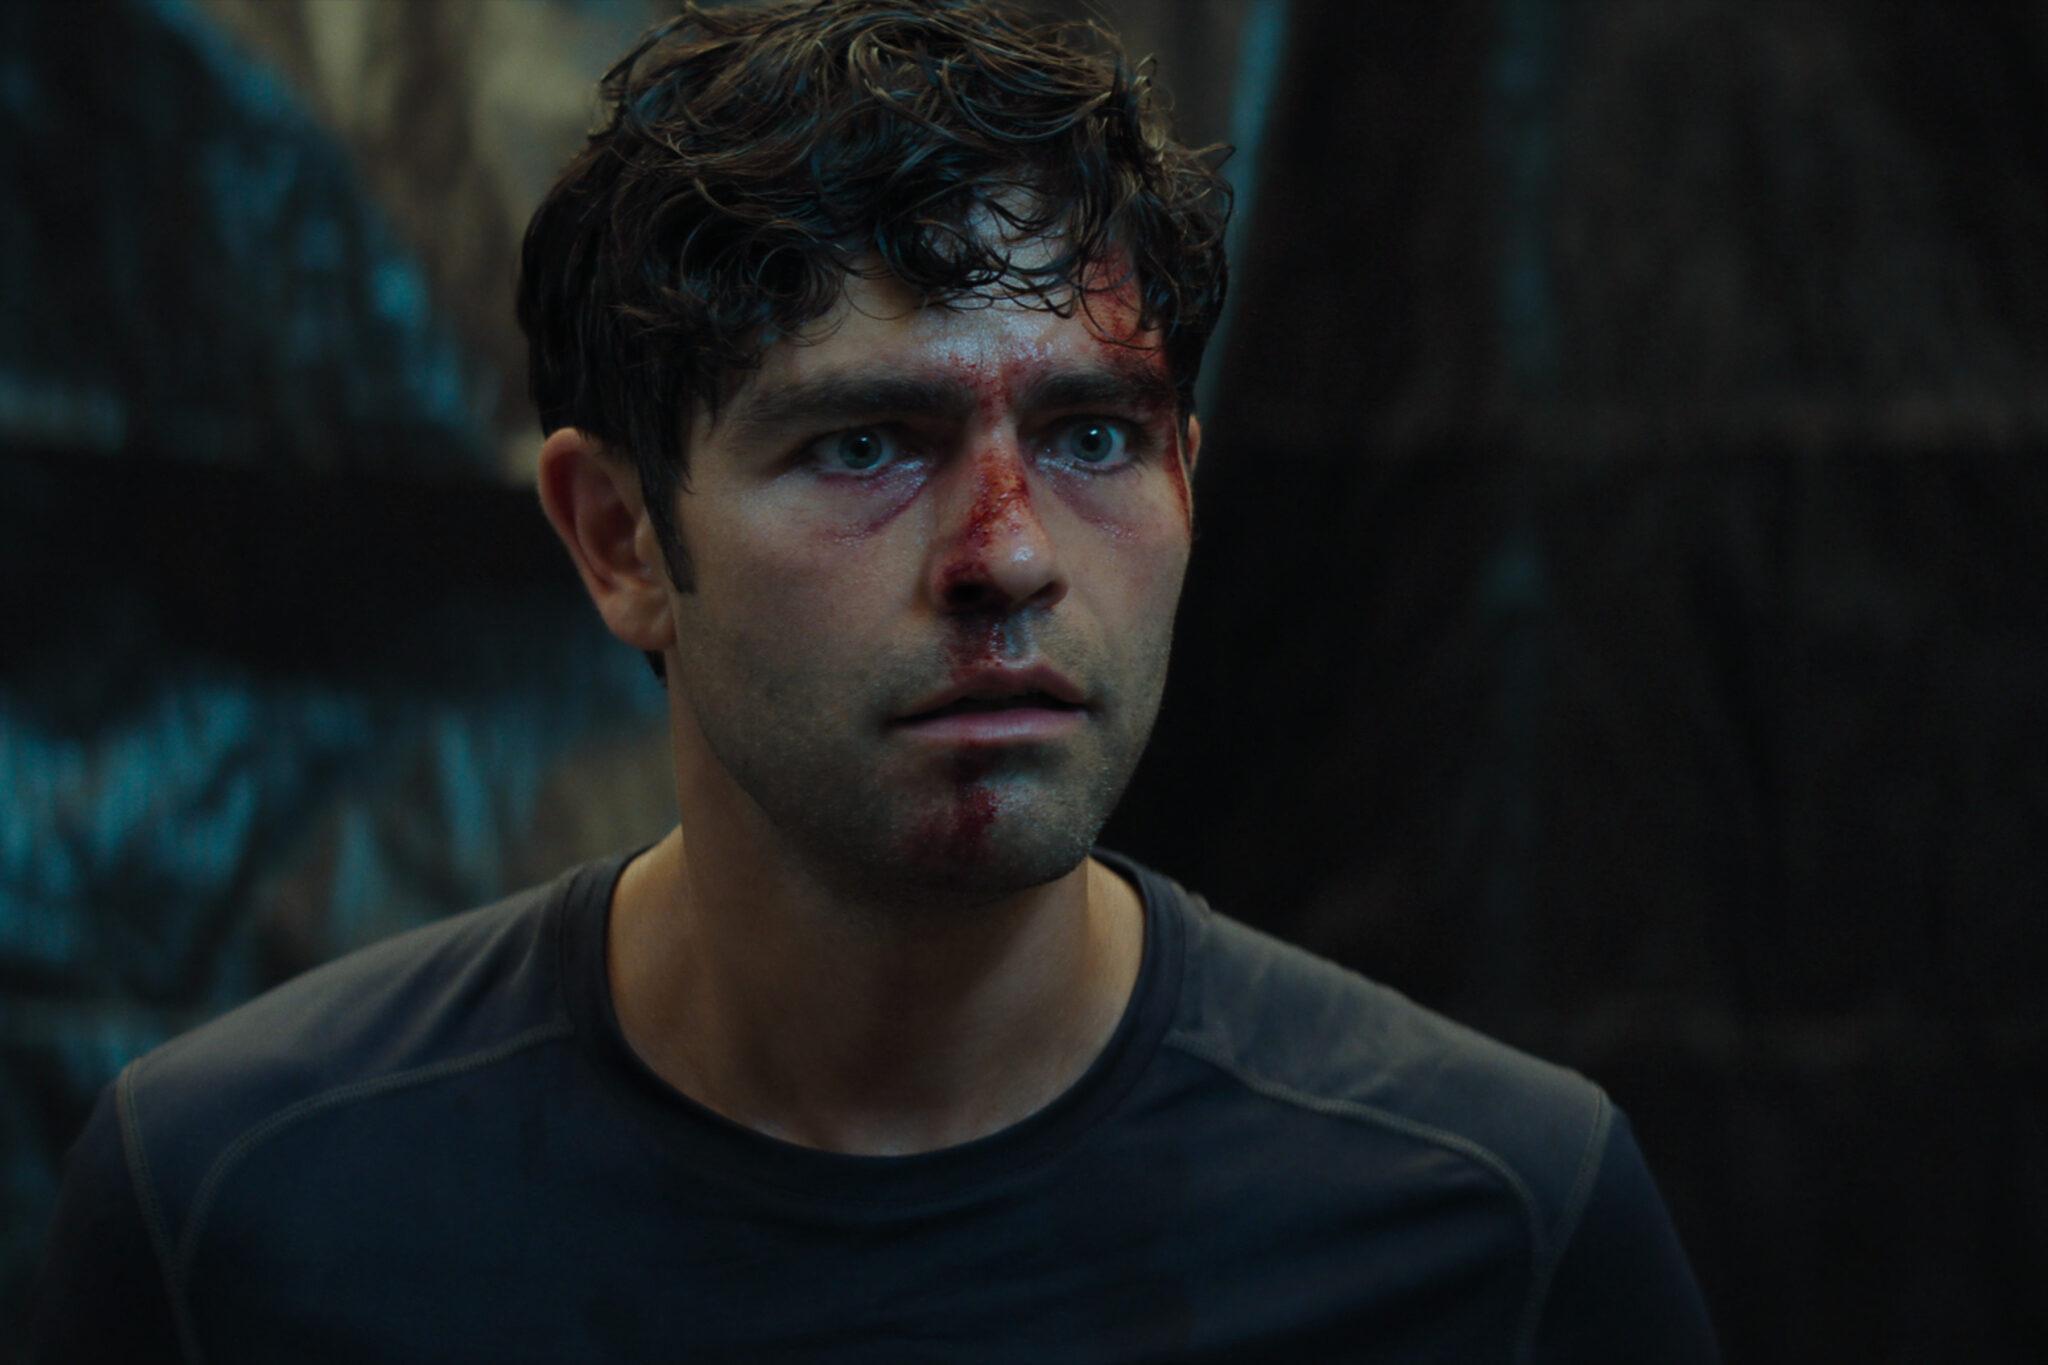 Adrian Grenier als Nick Brewer in Clickbait mit erschrockenem Gesicht und Blut auf Nase und Stirn in einem dunklen Raum.